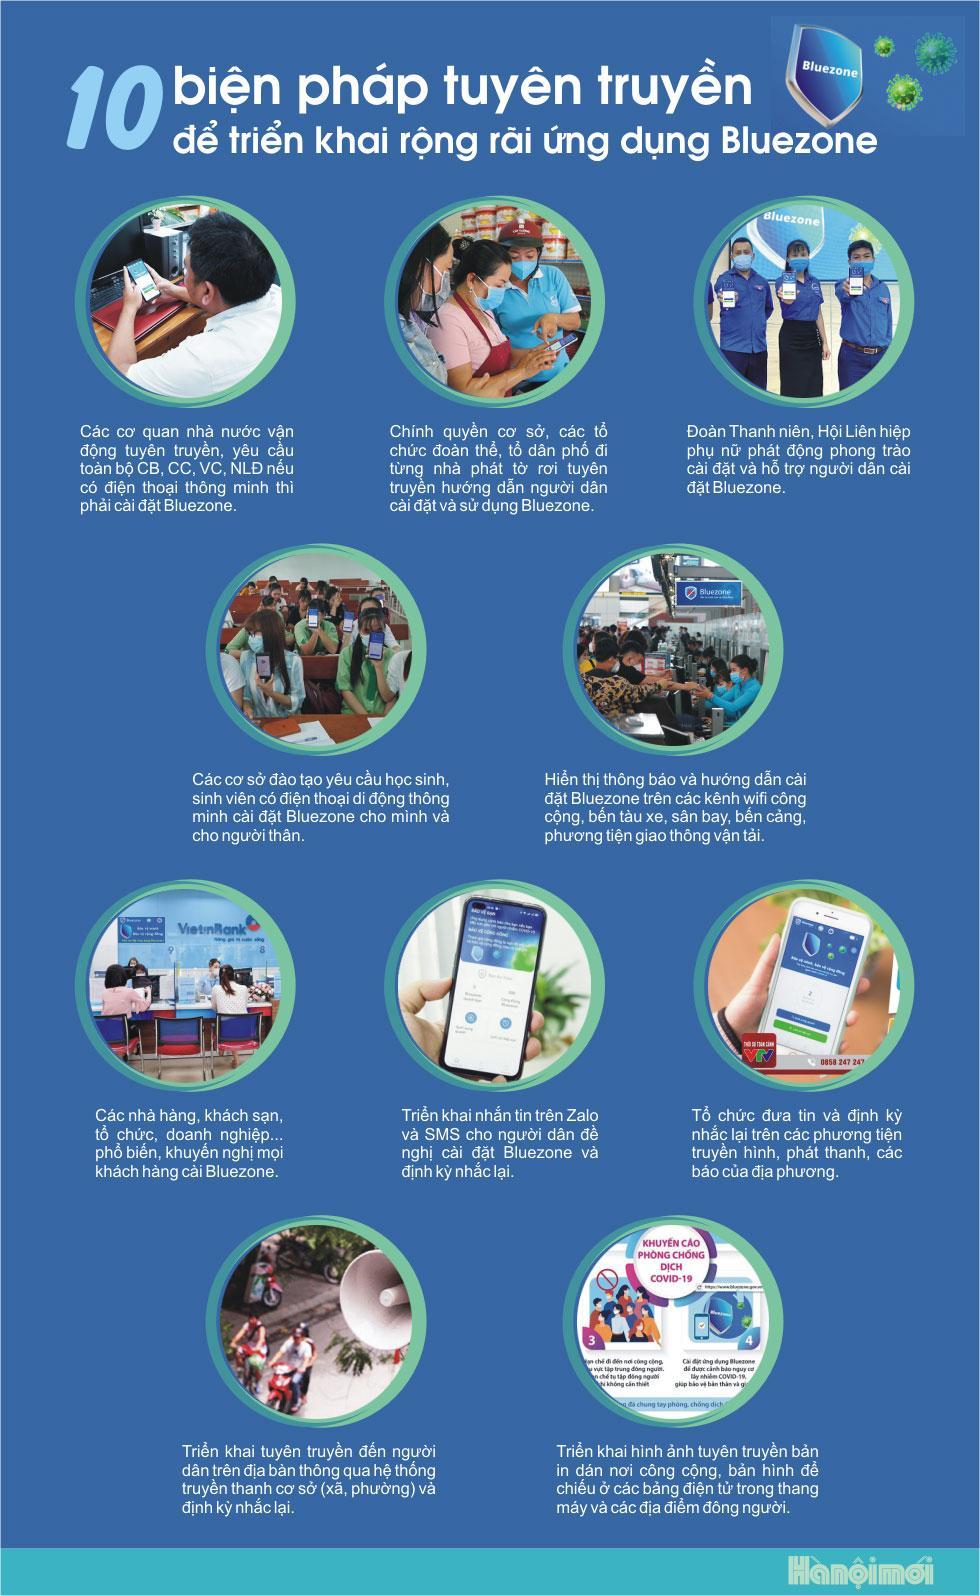 10 biện pháp tuyên truyền để triển khai rộng rãi ứng dụng Bluezone Ảnh 1